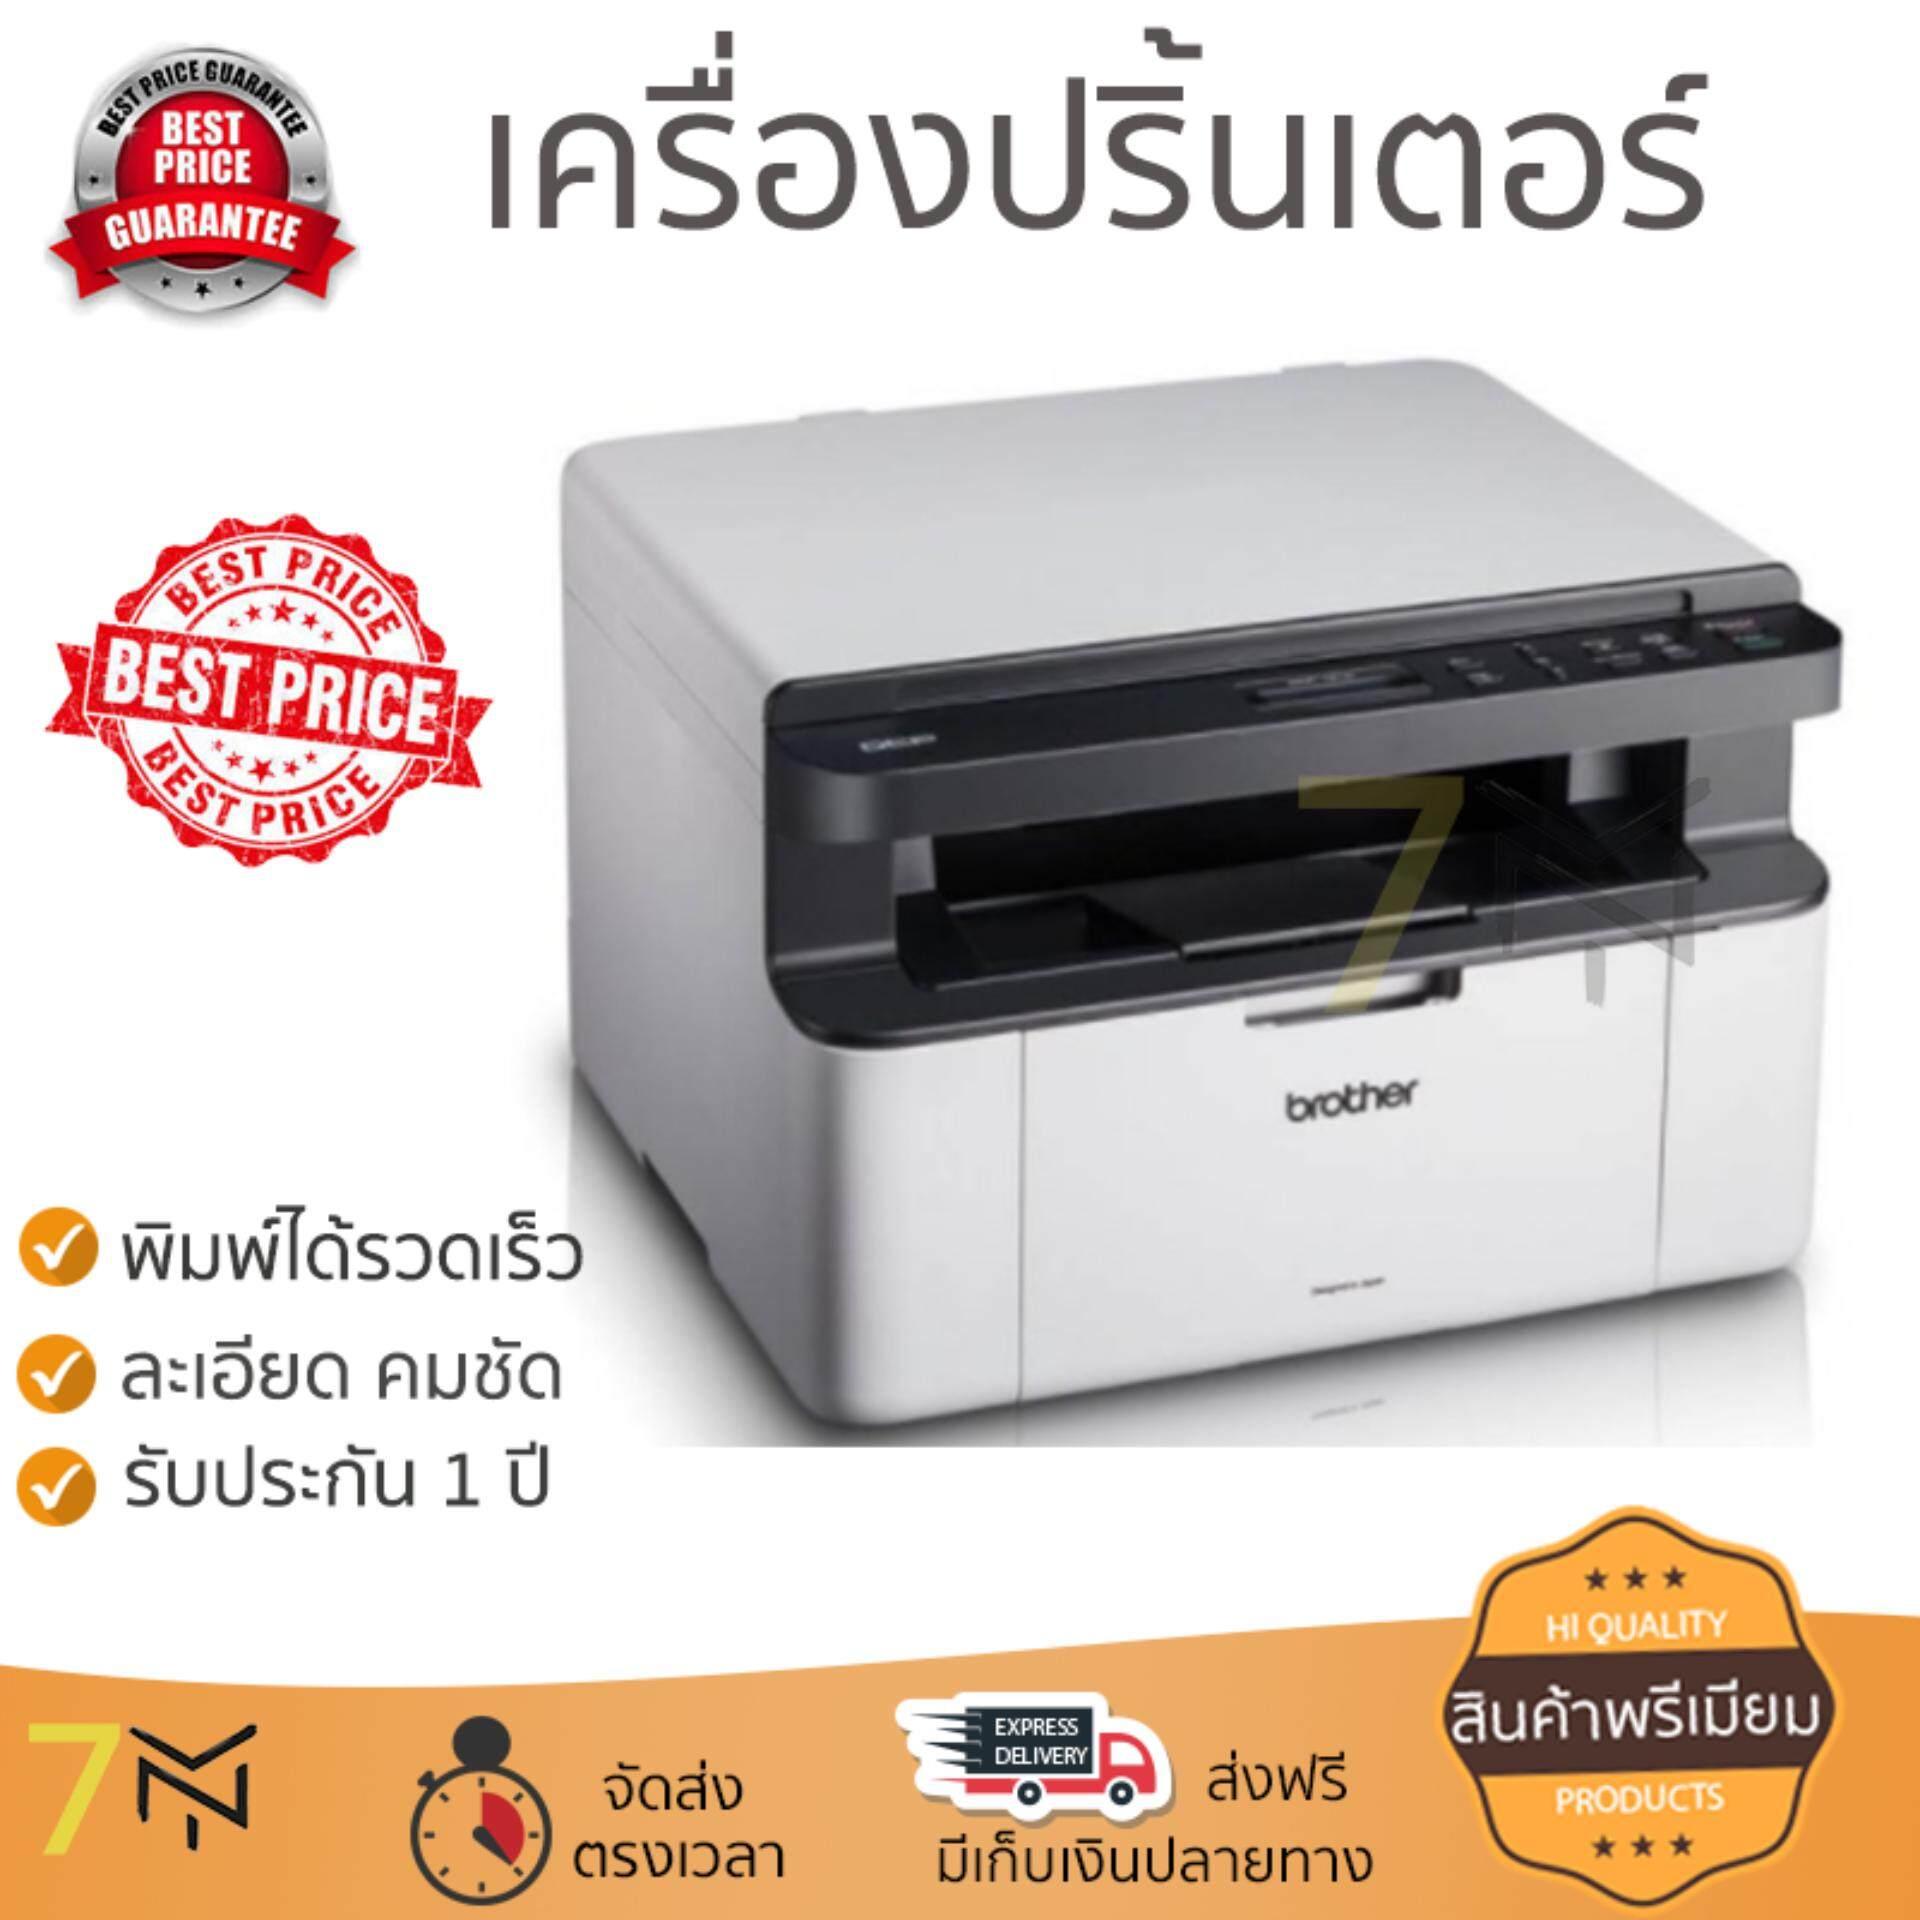 ขายดีมาก! โปรโมชัน เครื่องพิมพ์เลเซอร์           BROTHER ปริ้นเตอร์ รุ่น MULTI LS3IN1 DCP-1510             ความละเอียดสูง คมชัด พิมพ์ได้รวดเร็ว เครื่องปริ้น เครื่องปริ้นท์ Laser Printer รับประกันสินค้